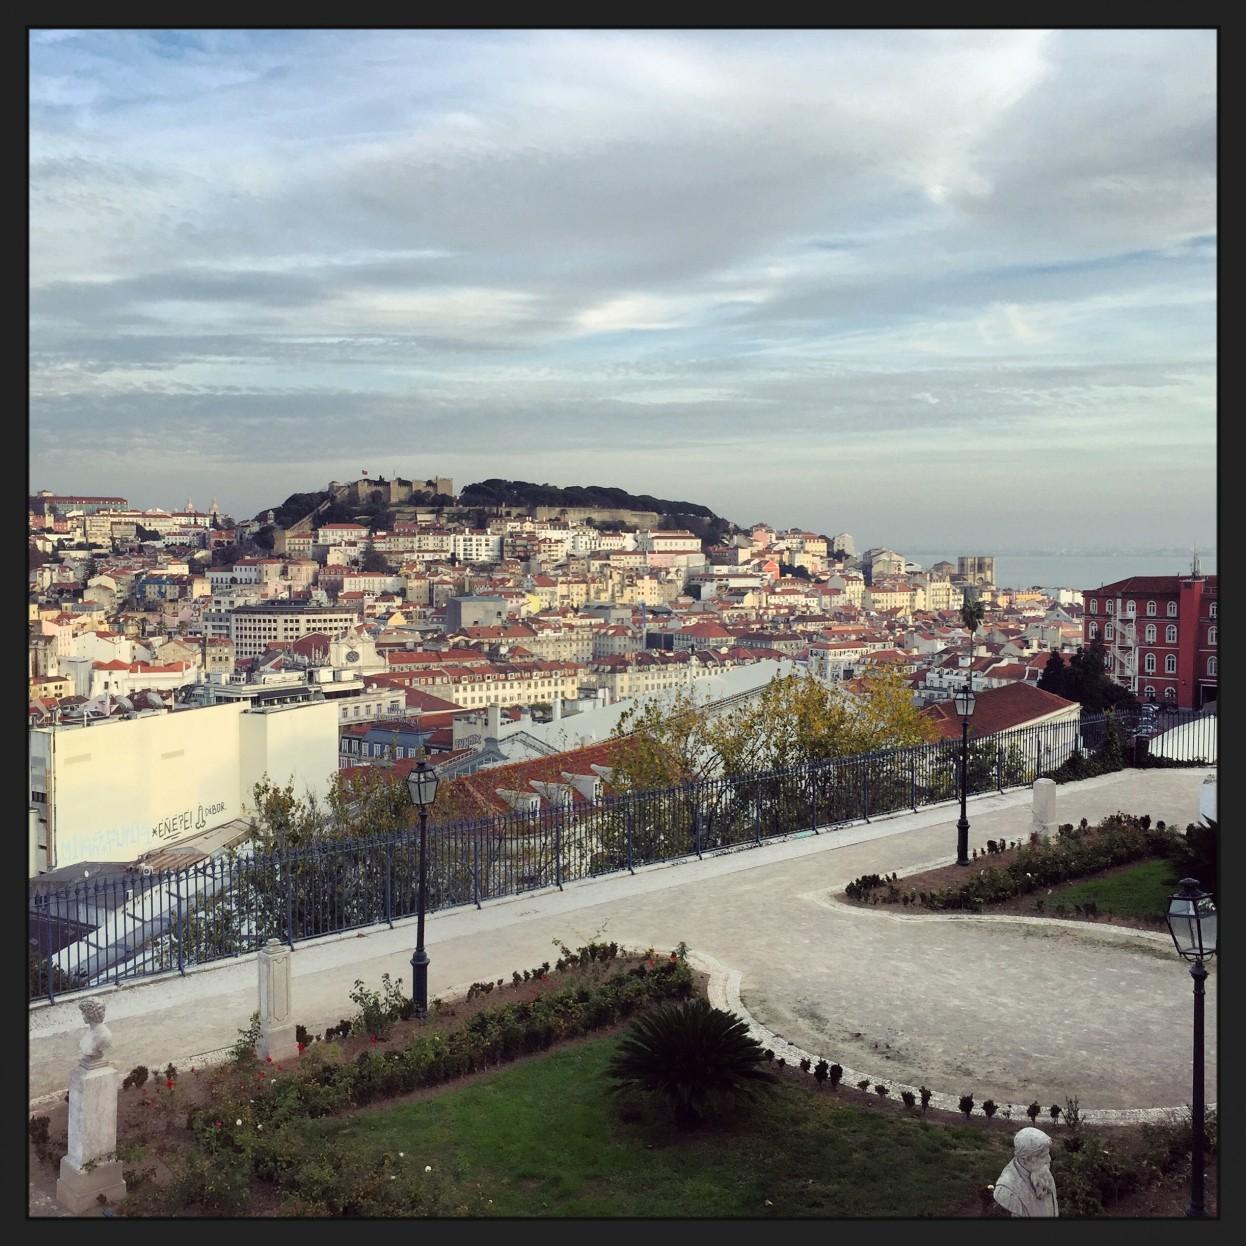 Lisbonne une ville formidable sous le soleil escale de nuit for Piscine lisbonne